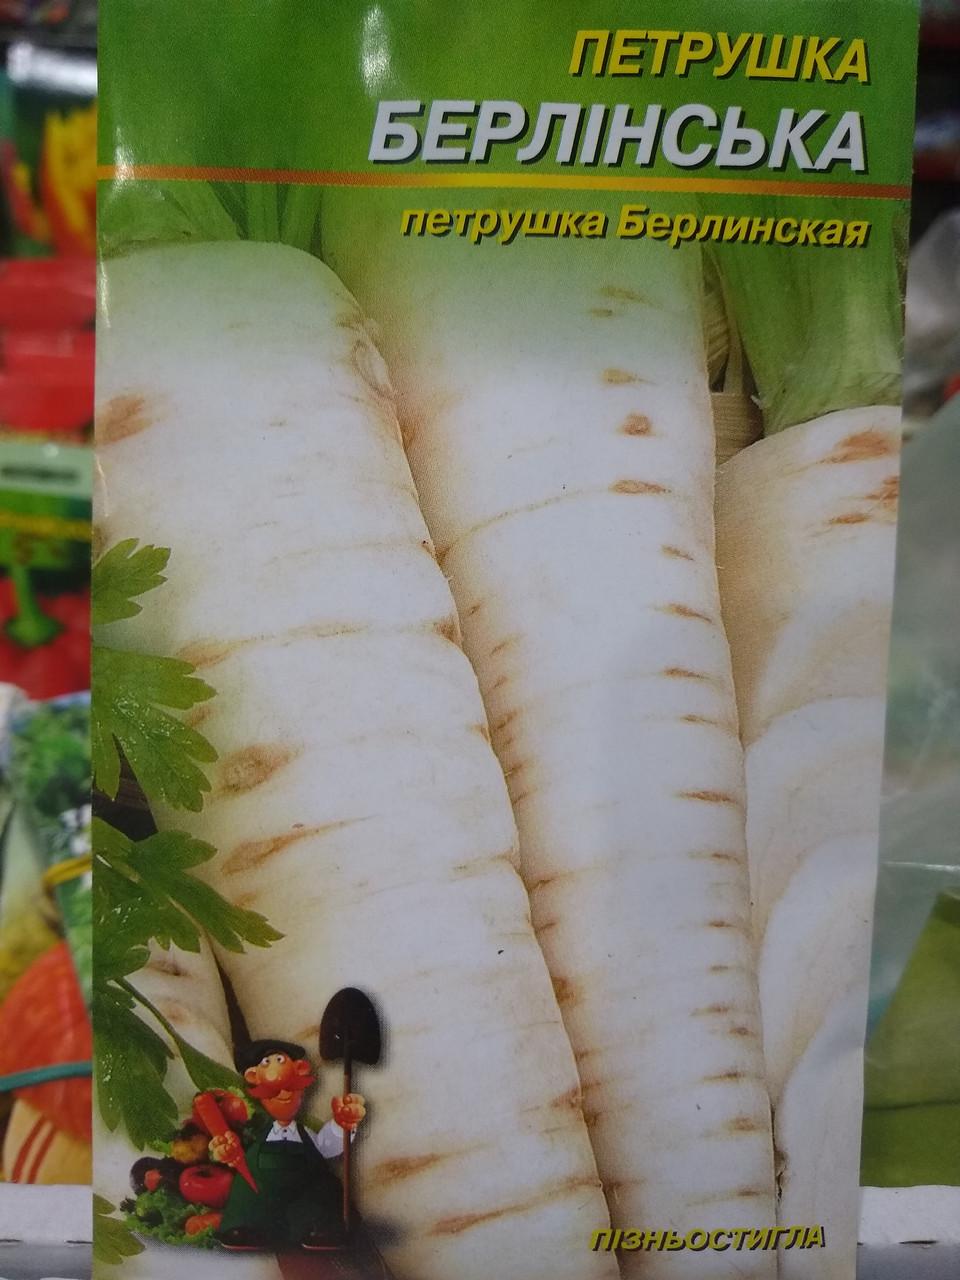 Петрушка корневая Берлинская, 1 кг, Украина